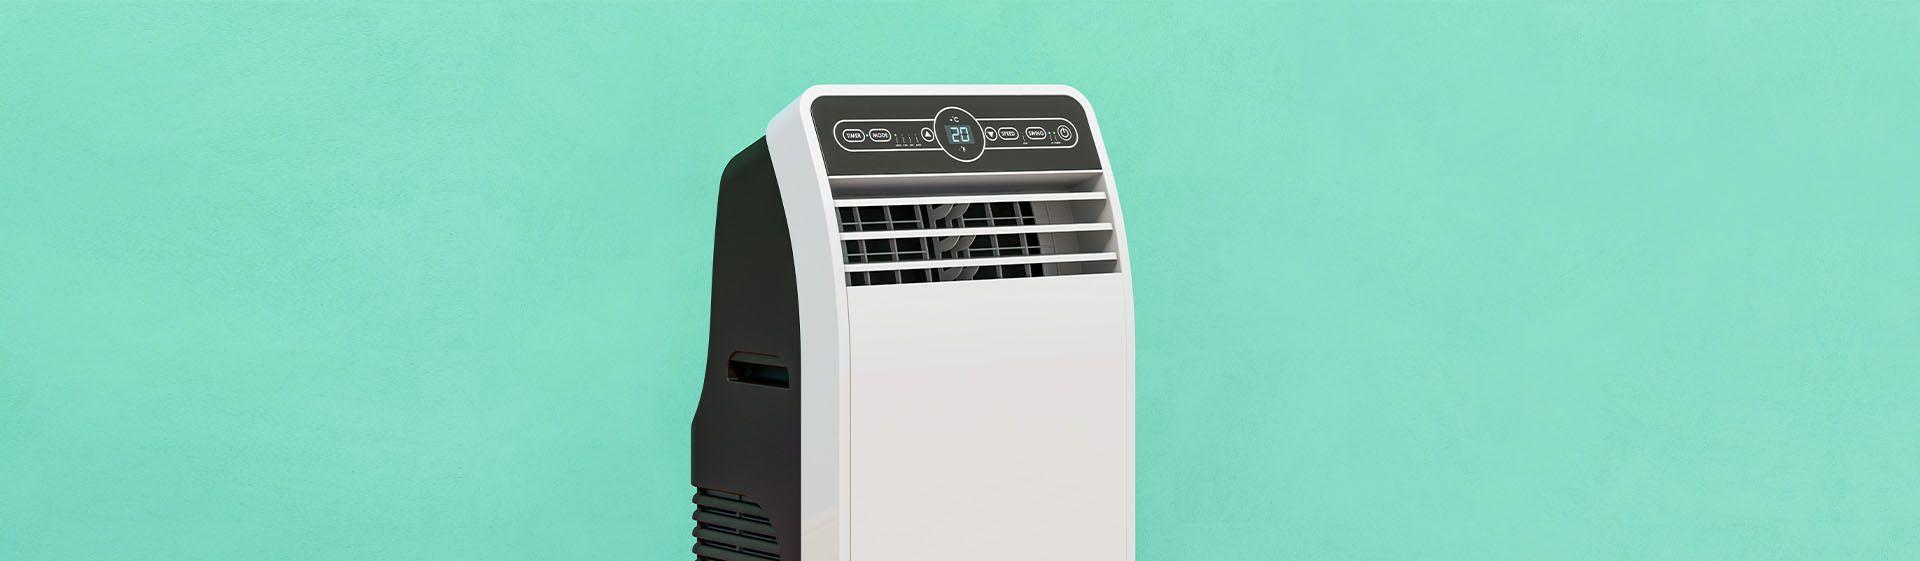 Ar-condicionado portátil 2021: 5 modelos para ficar de olho